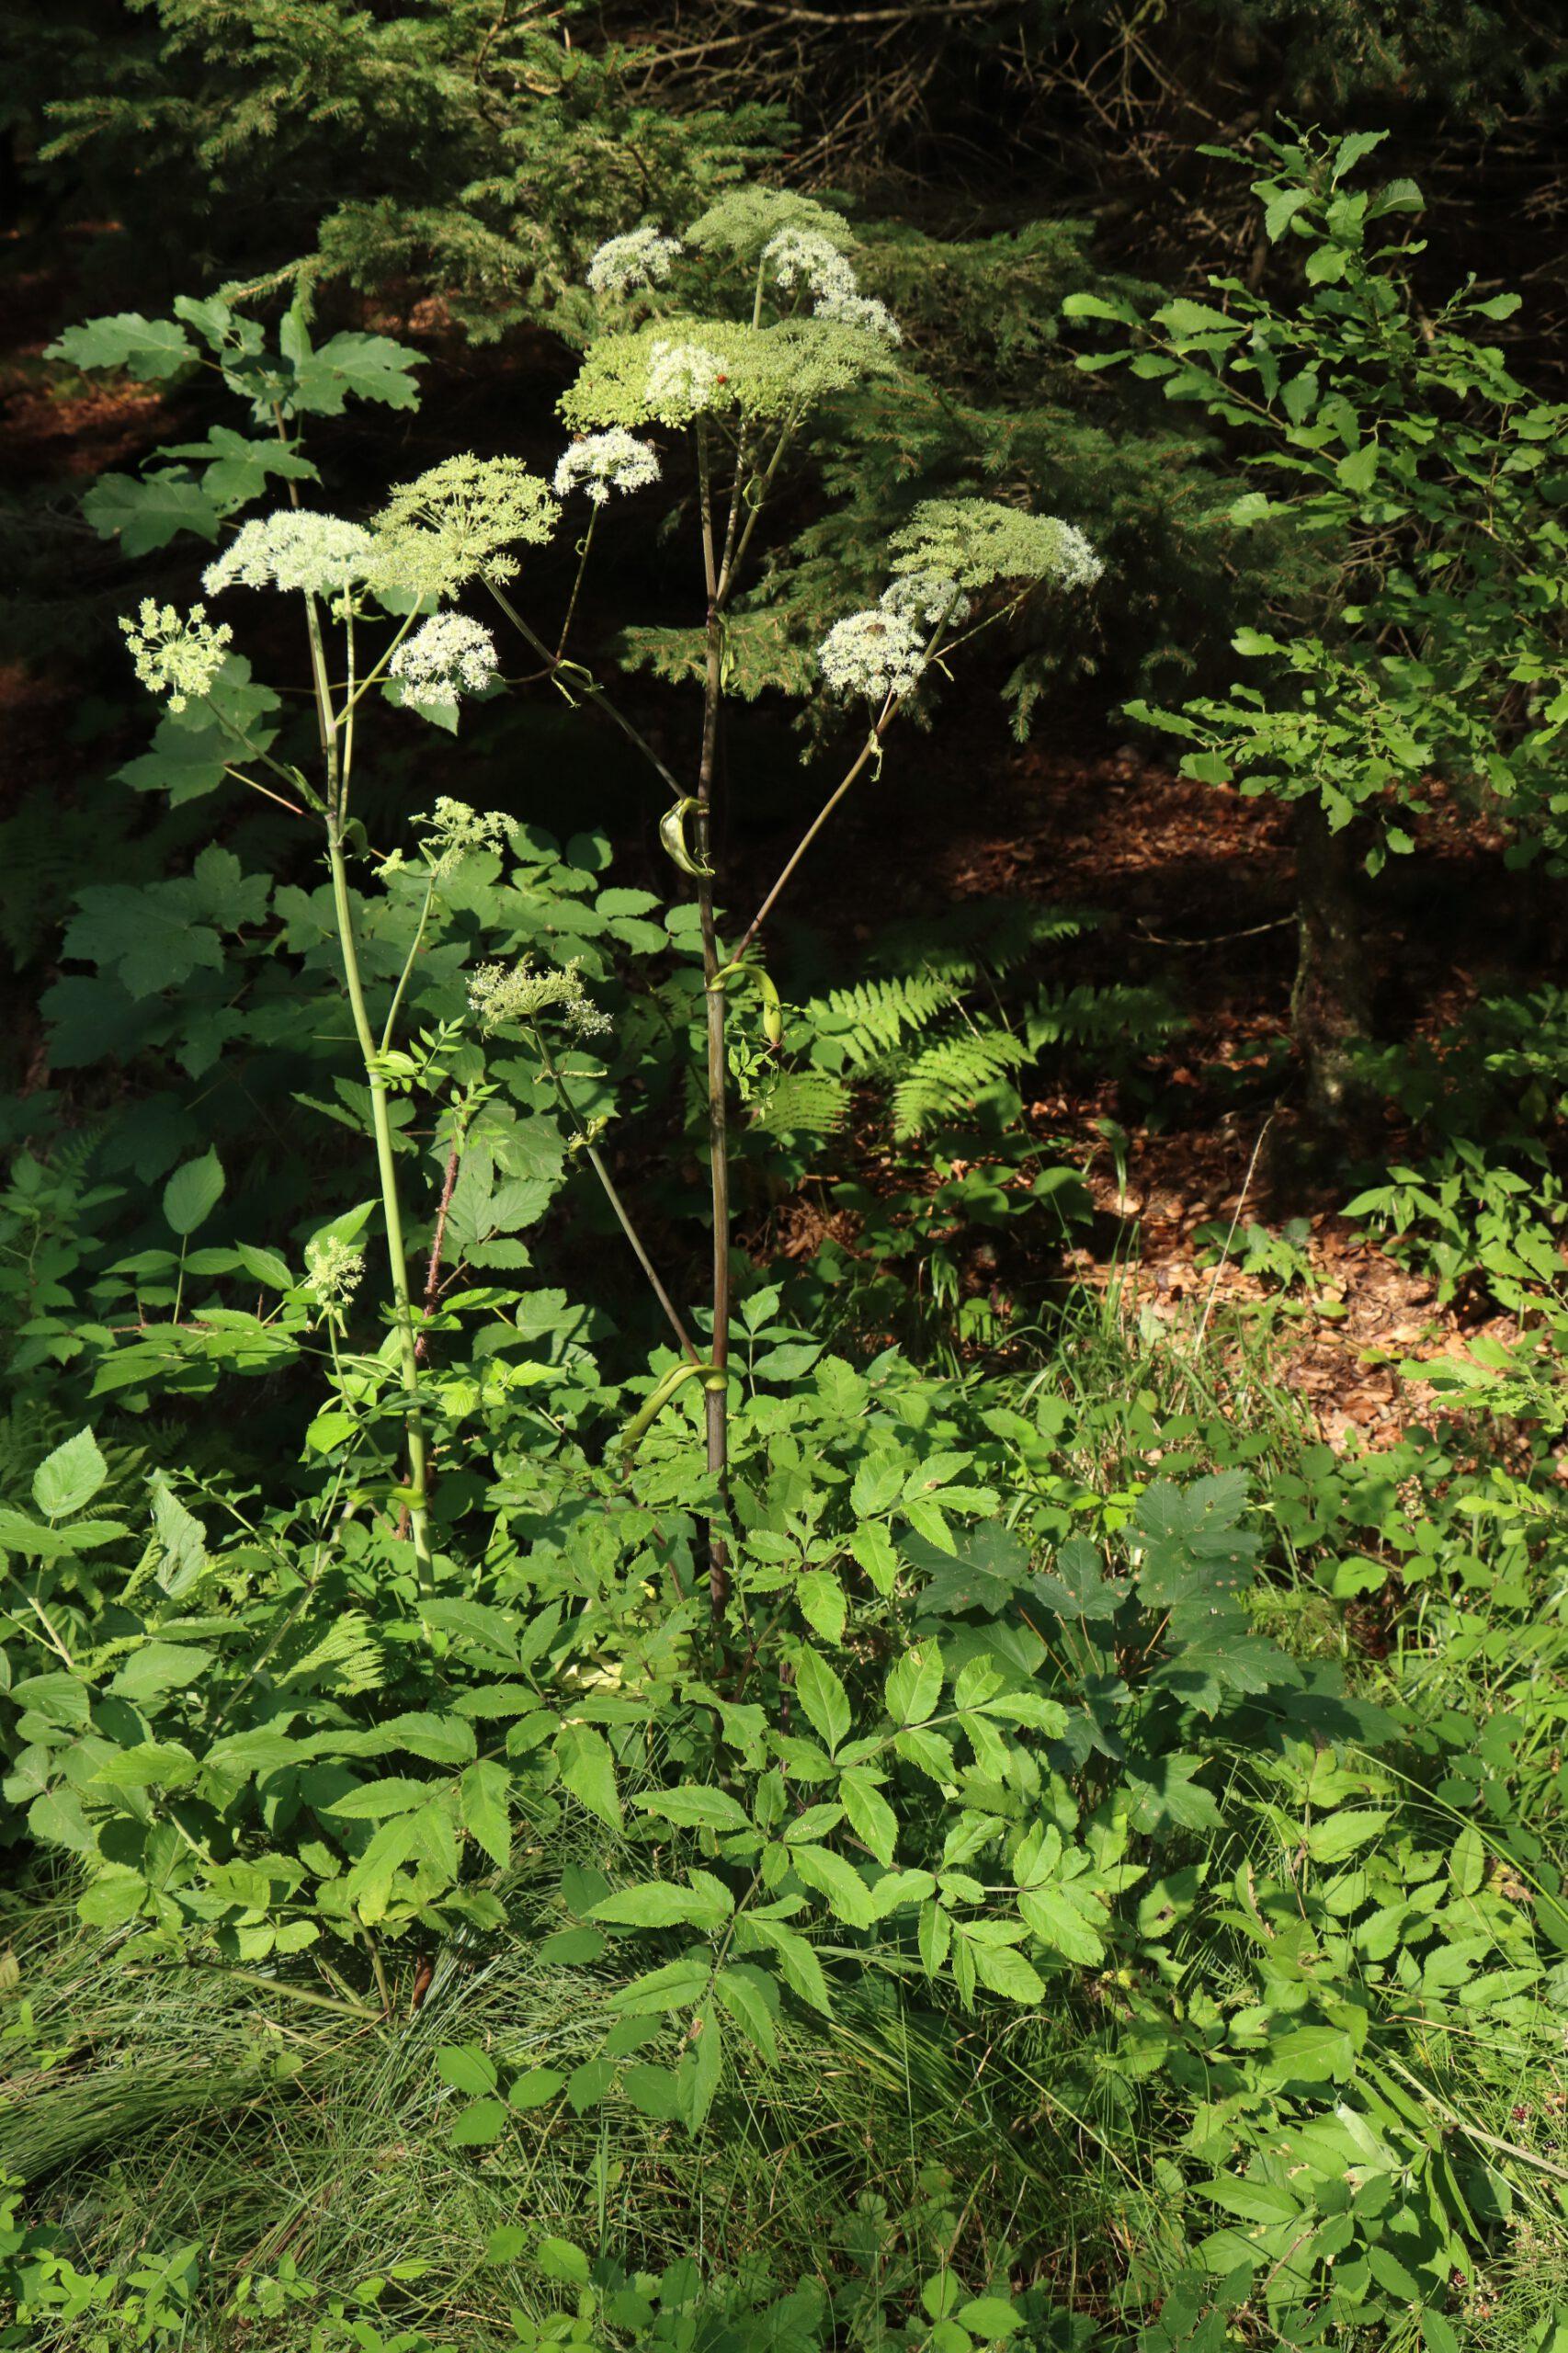 Wald-Engelwurz - Gesamte Pflanze